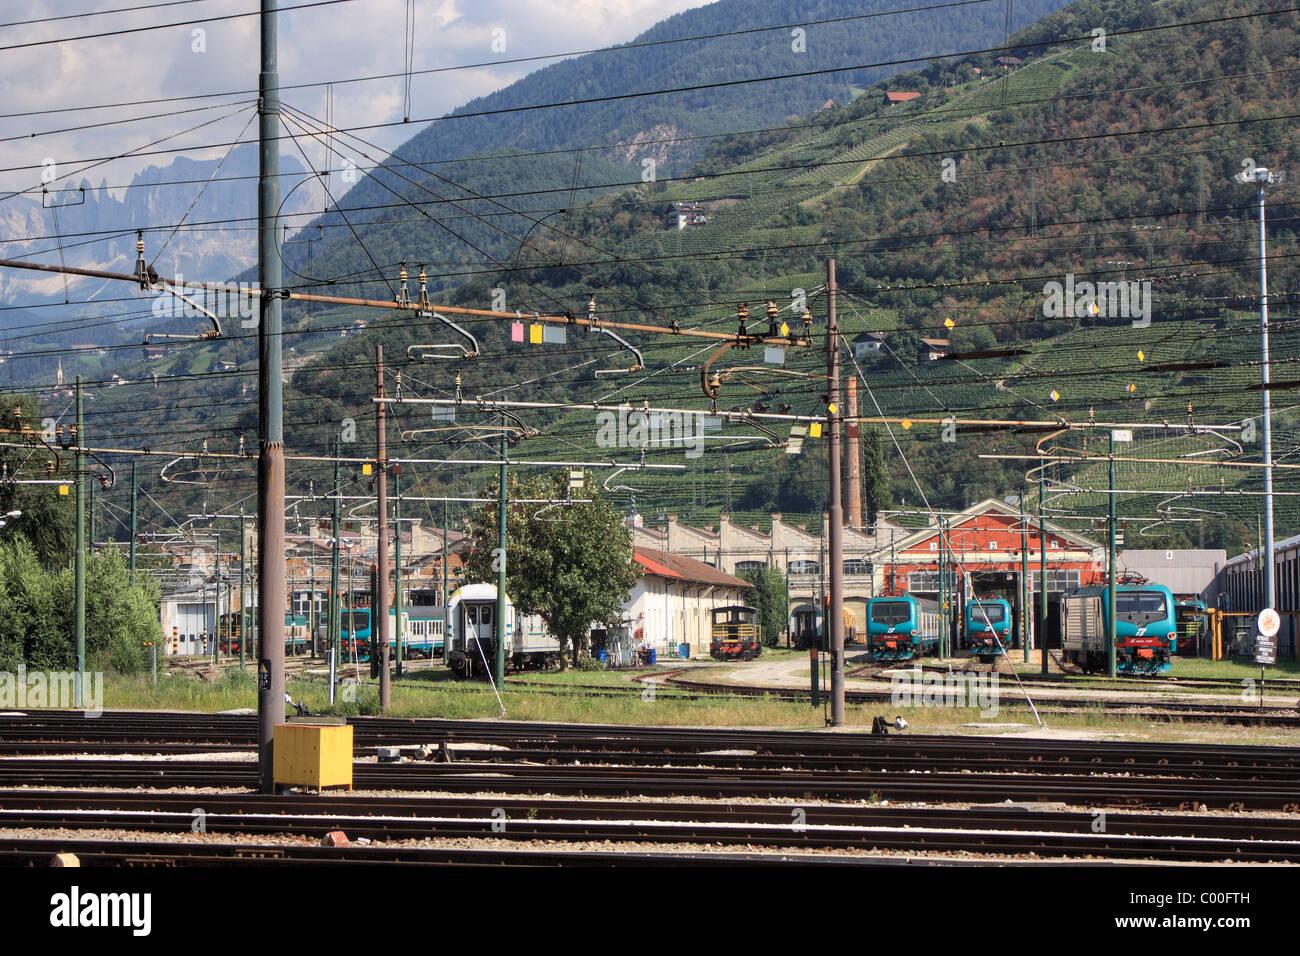 Train station Bozen / Bolzano, Italy - Stock Image